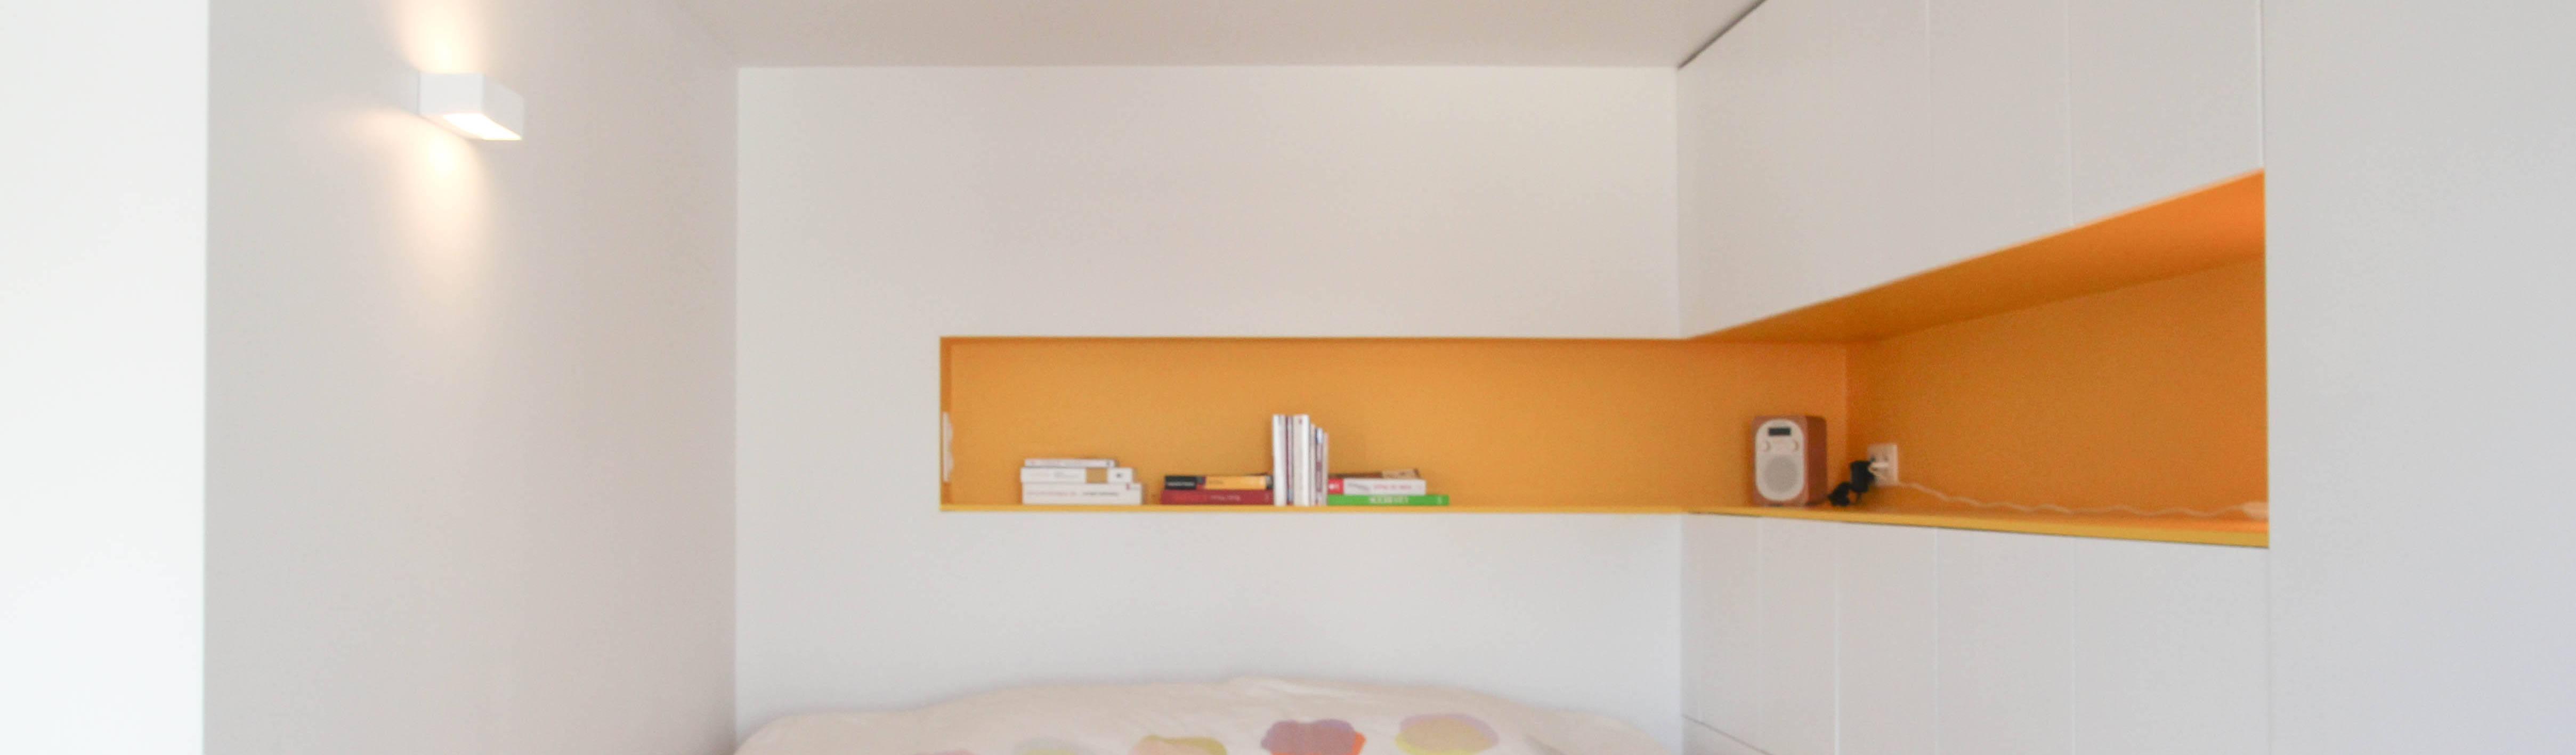 Alizée Dassonville | architecture